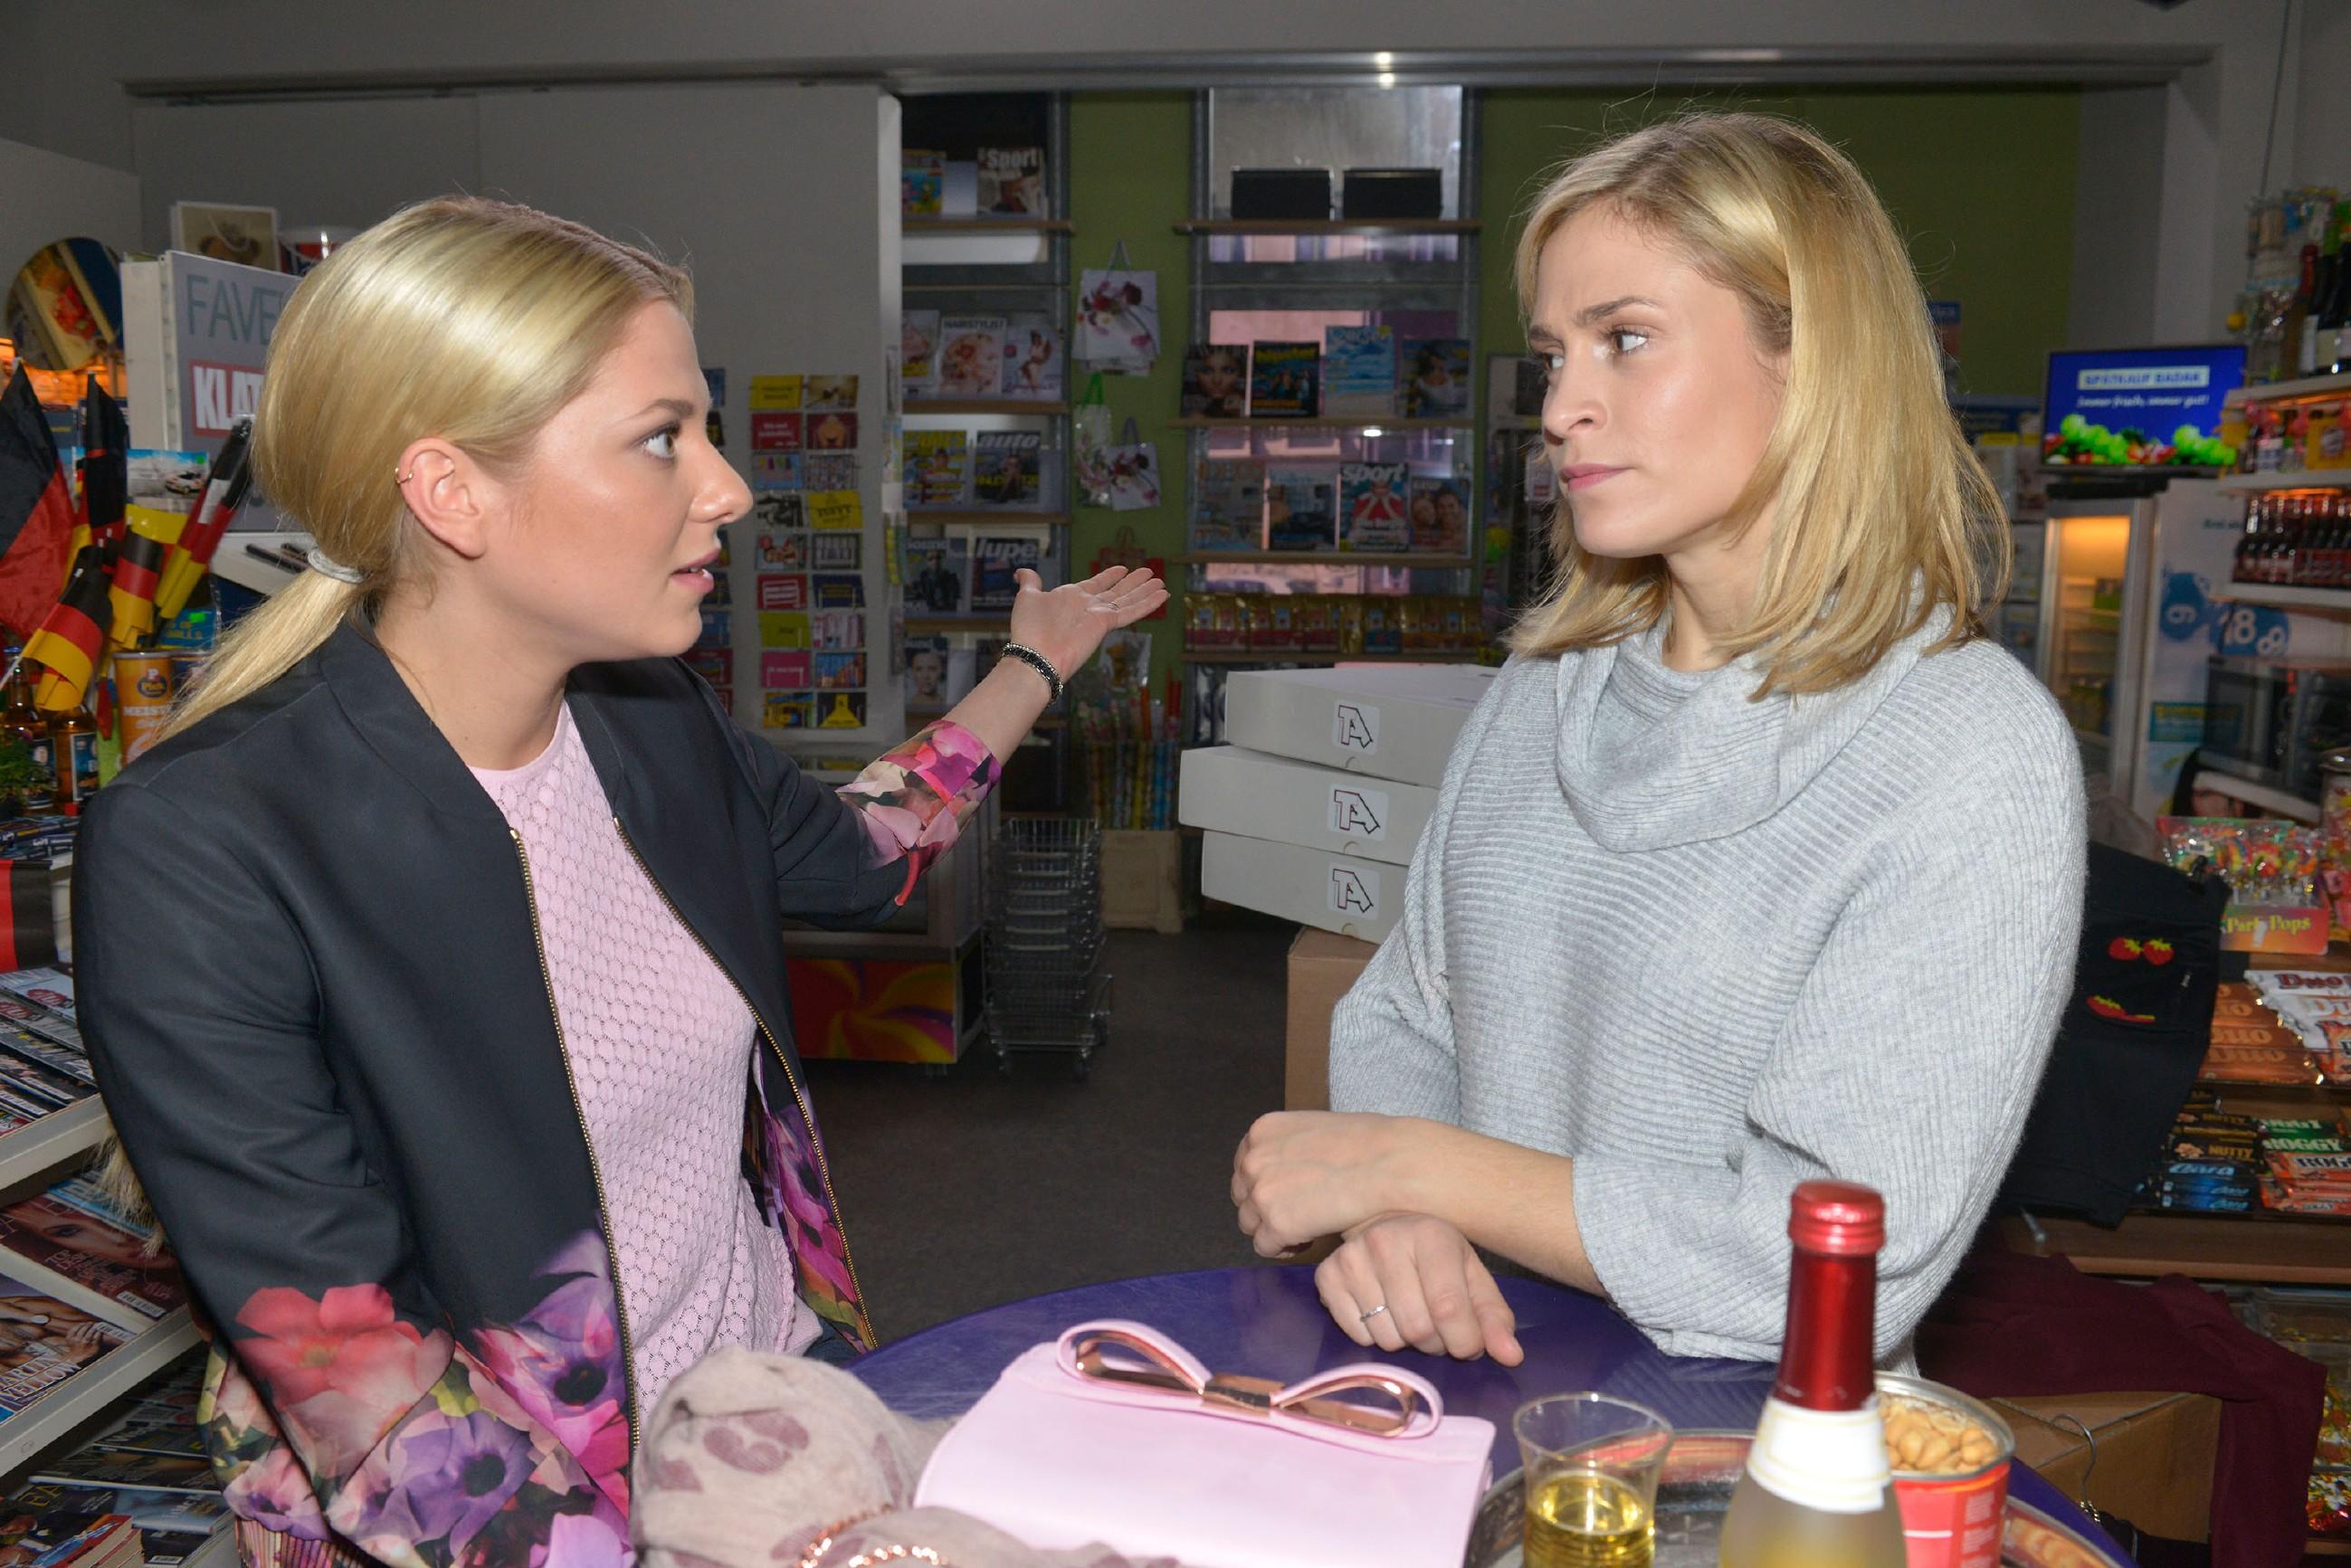 """Sunny (Valentina Pahde, l.) hat eine Idee, wie Sophie (Lea Marlen Woitack) den Verkauf der """"Tussi Attack""""-Mode ankurbeln könnte. (Quelle: RTL / Rolf Baumgartner)"""